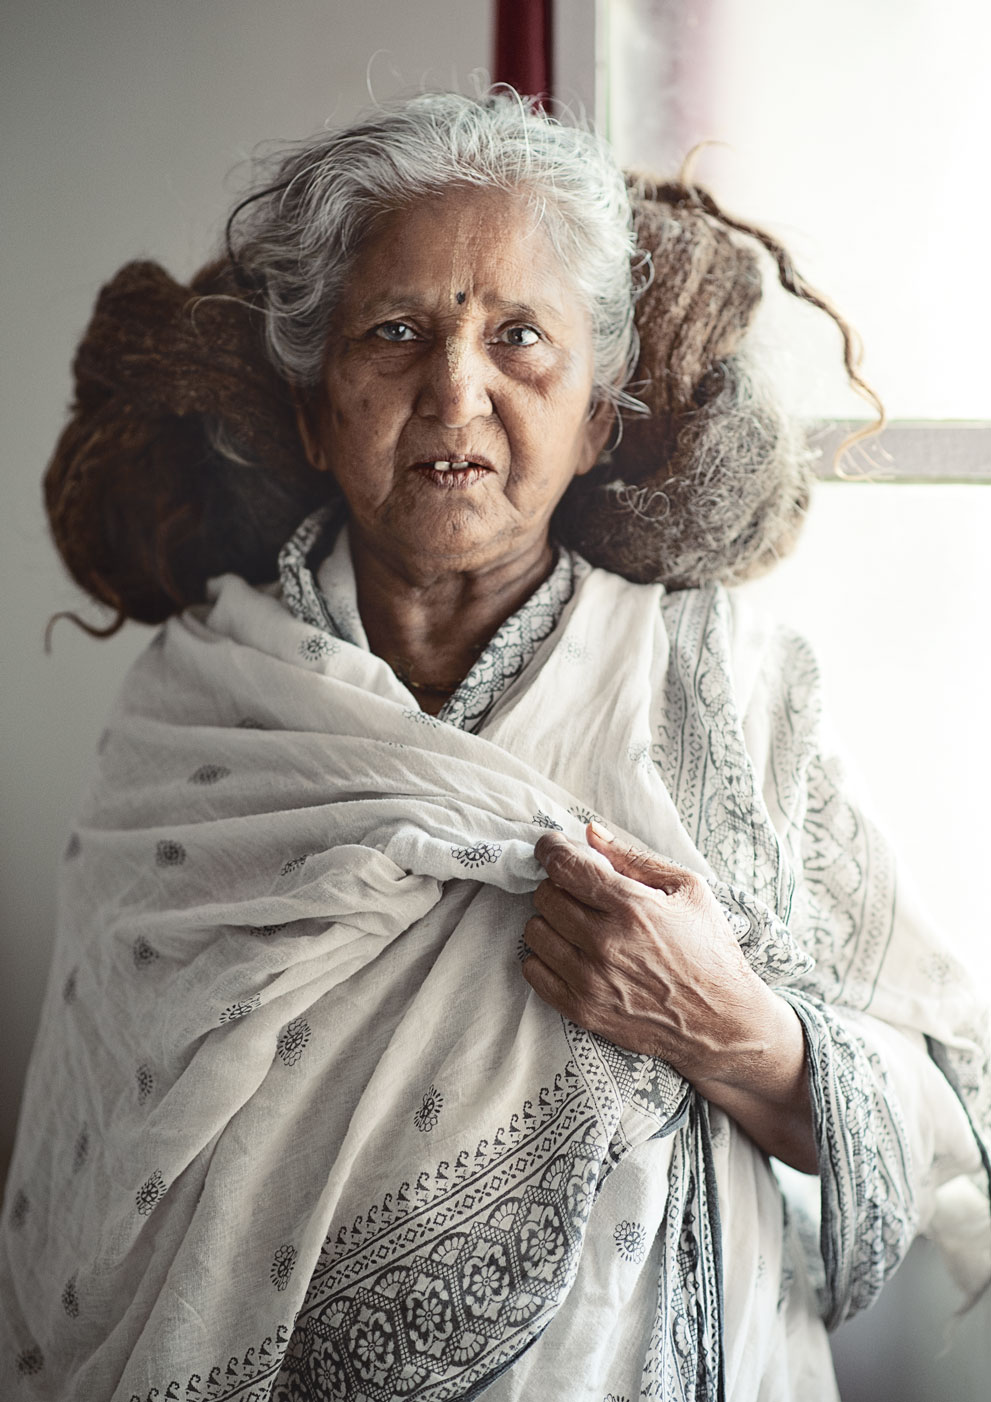 widow of vrindavan  by the window.jpg